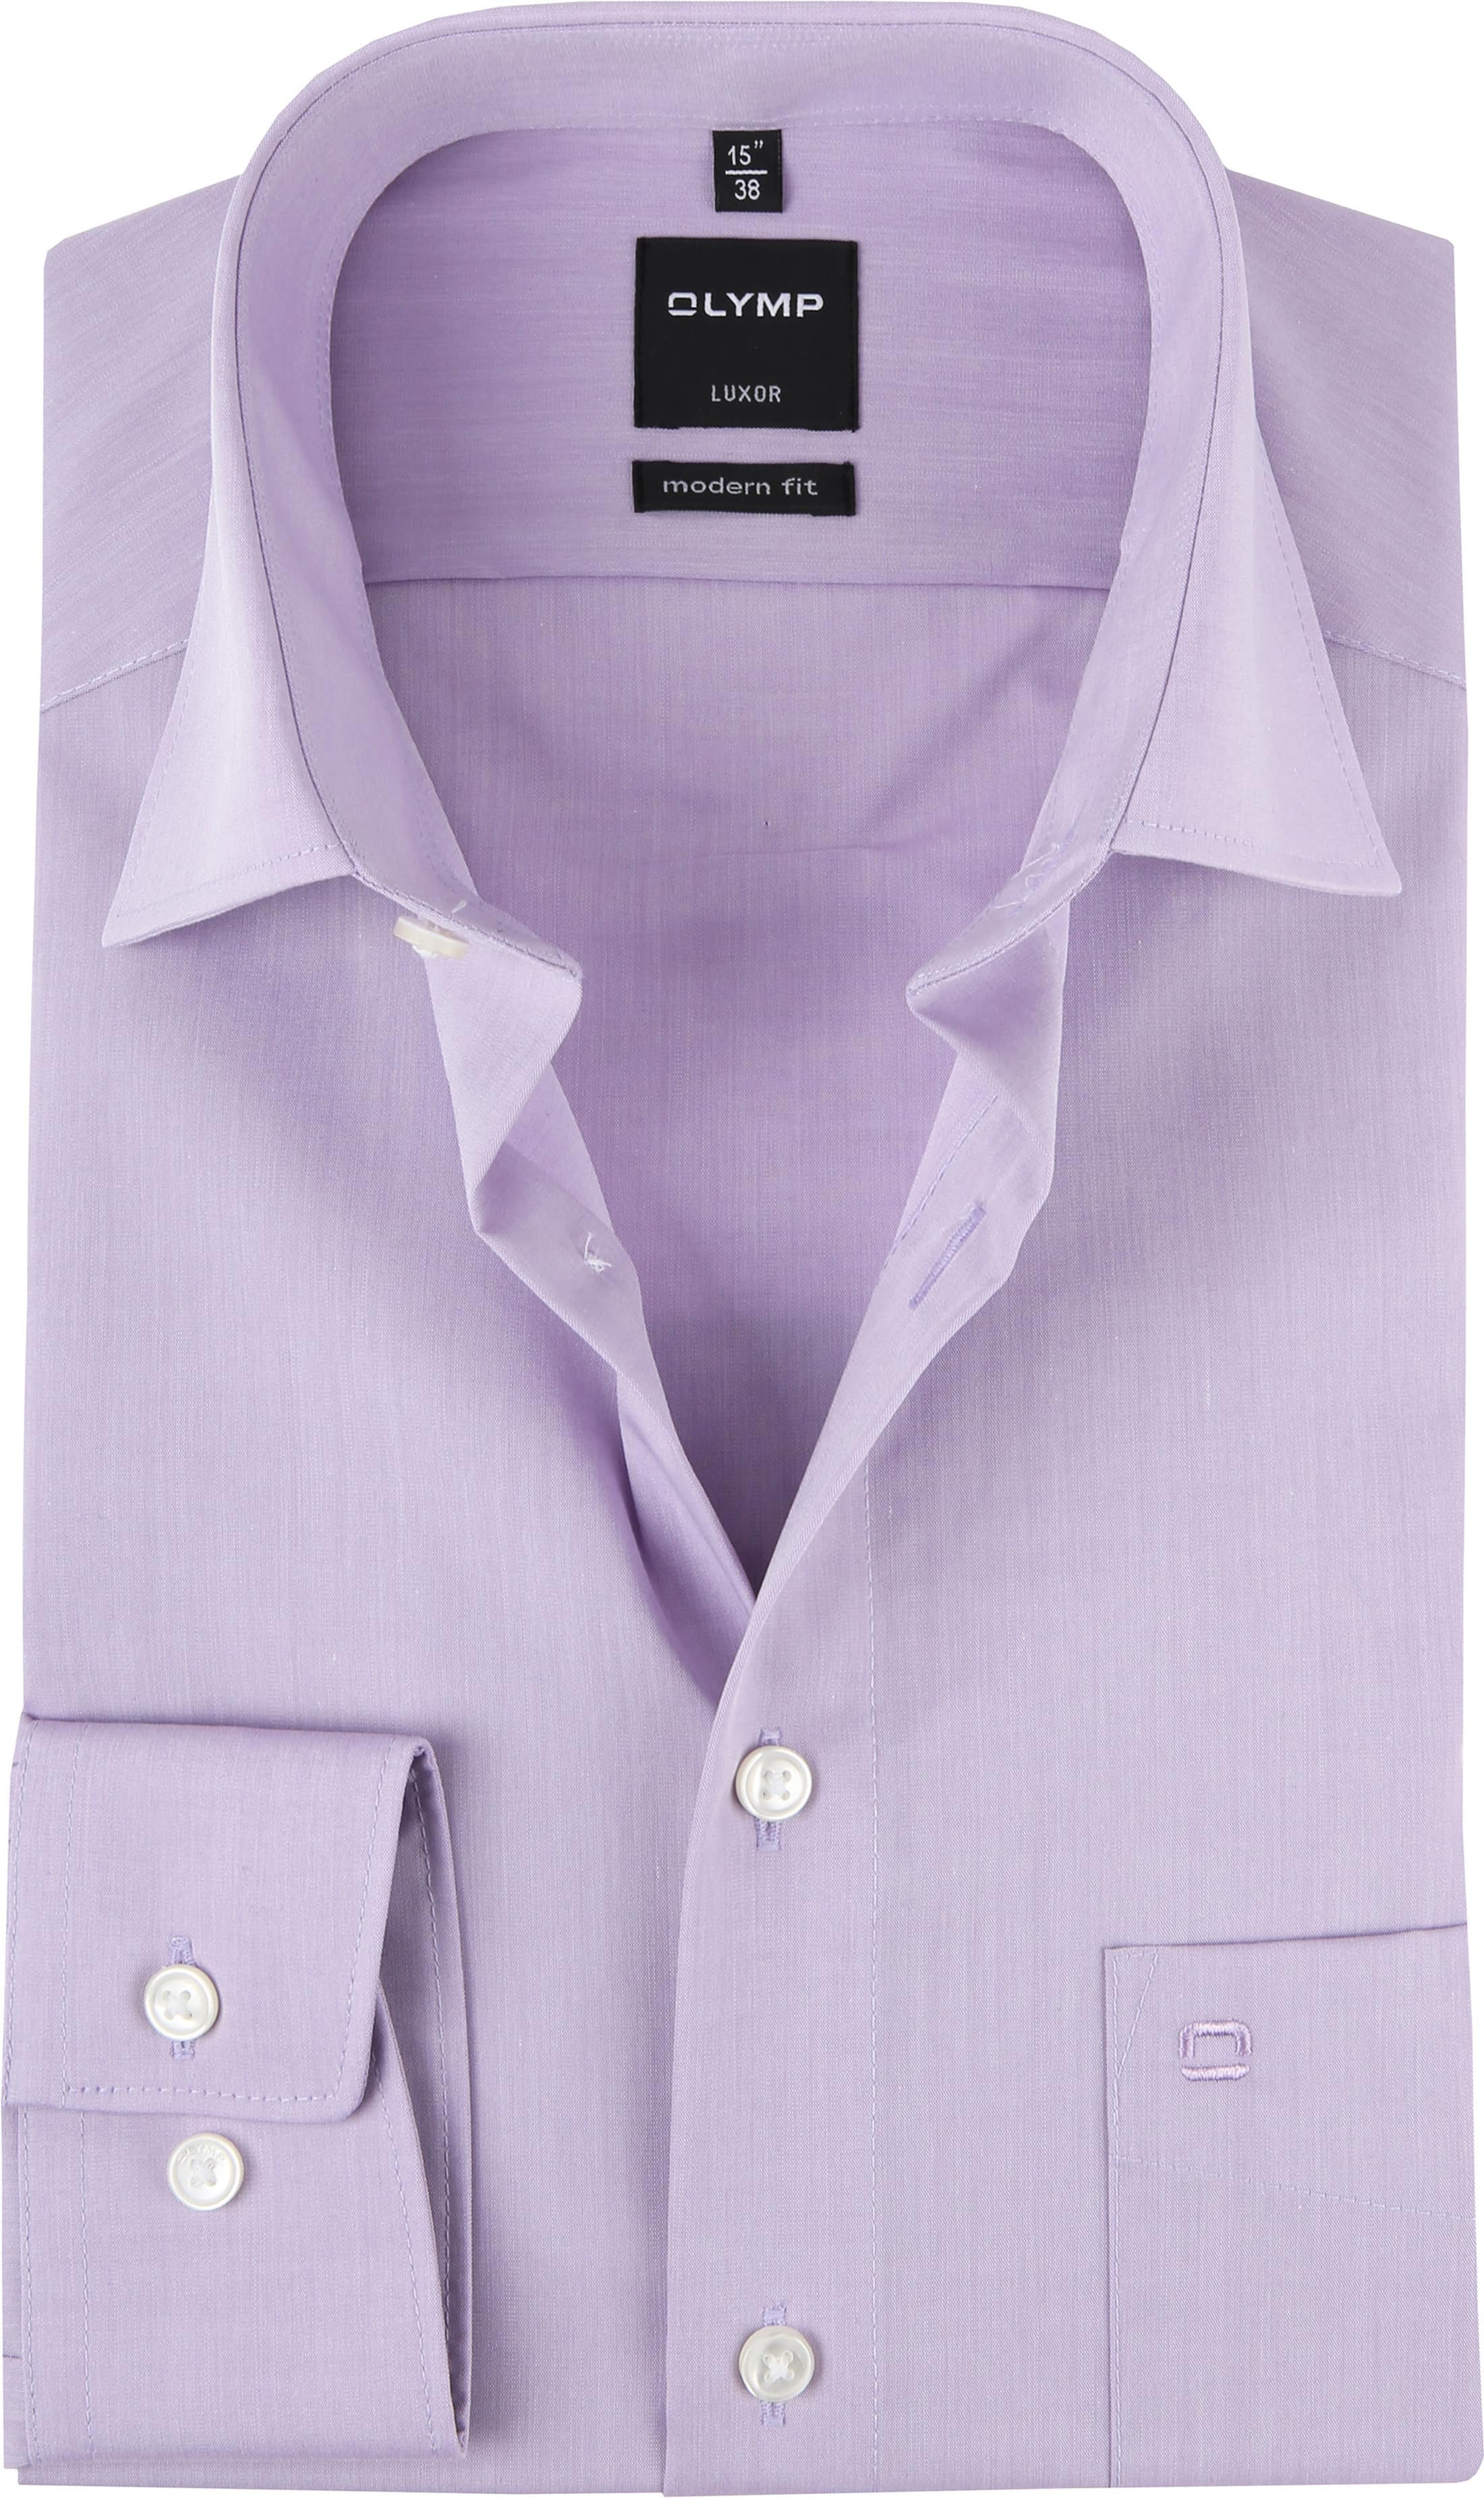 olymp shirt luxor modern fit pink 030464 order online. Black Bedroom Furniture Sets. Home Design Ideas